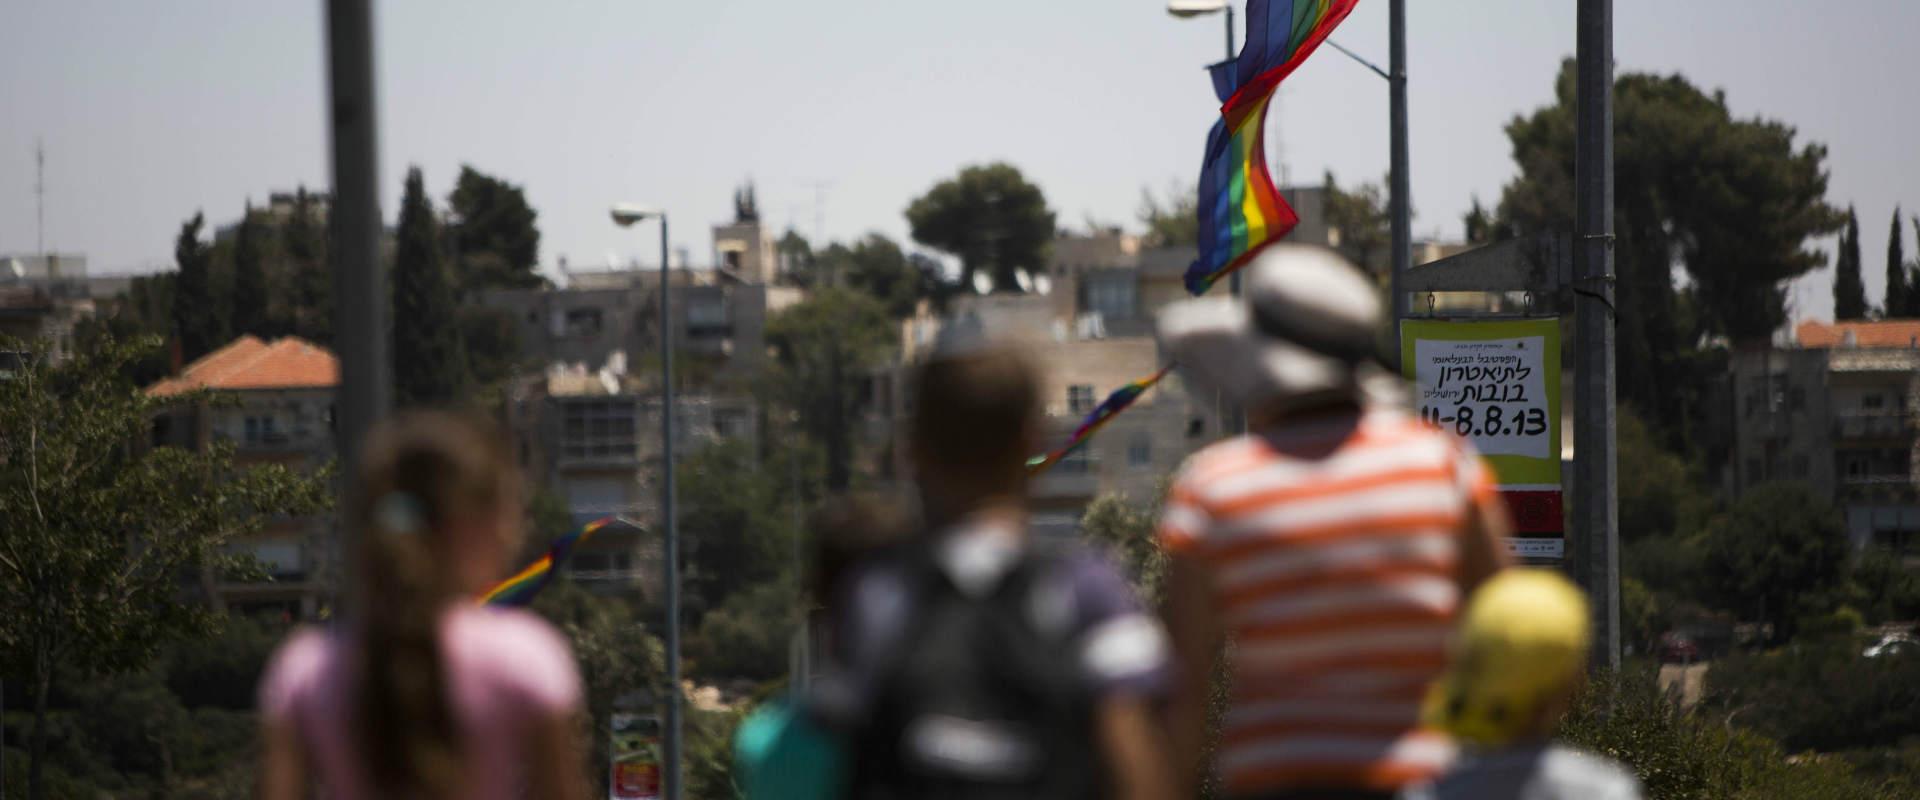 דגלי גאווה בירושלים, ארכיון